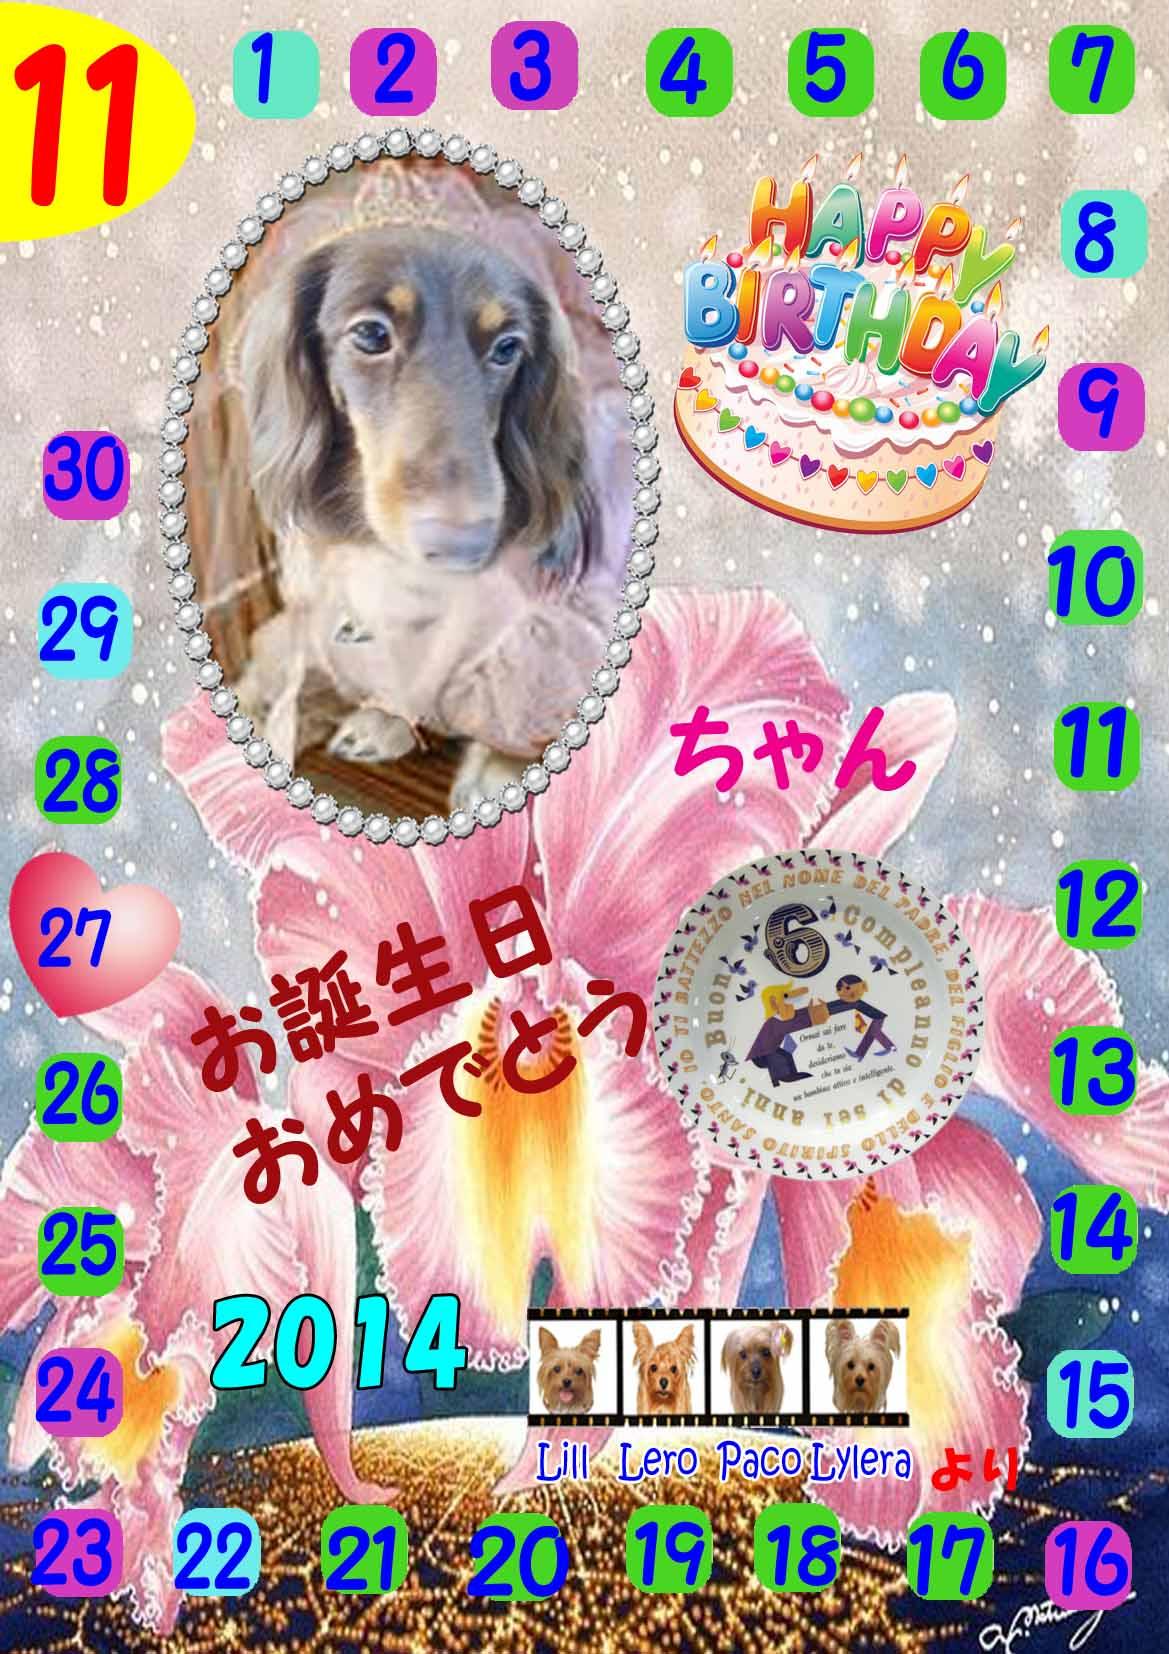 11-27-2014リオちゃん誕生日カード